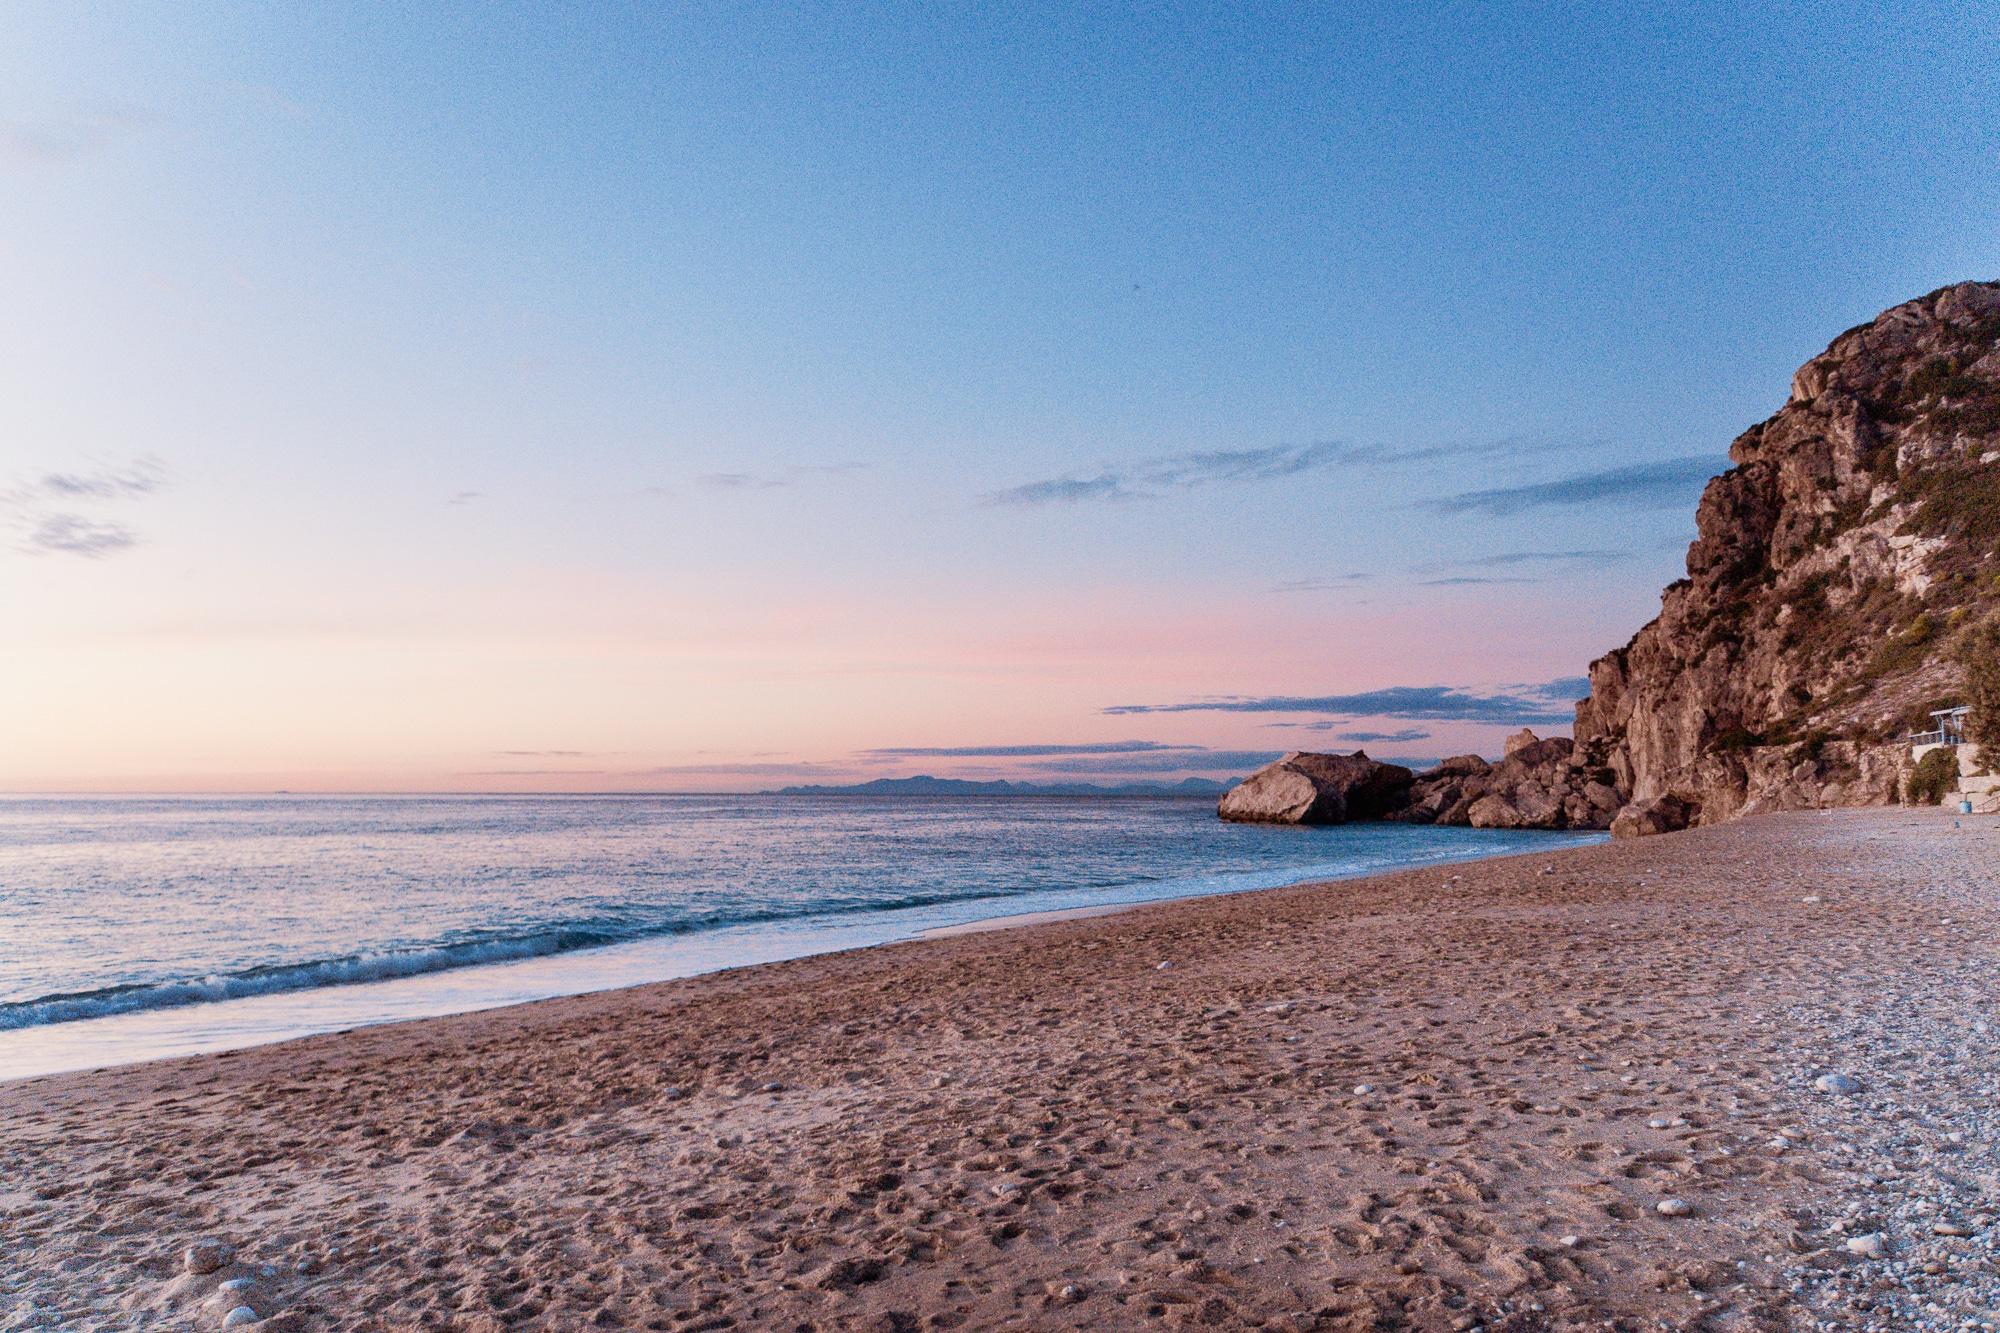 Kathisma Beach zum Sonnenuntergang, Lefkada, Griechenland